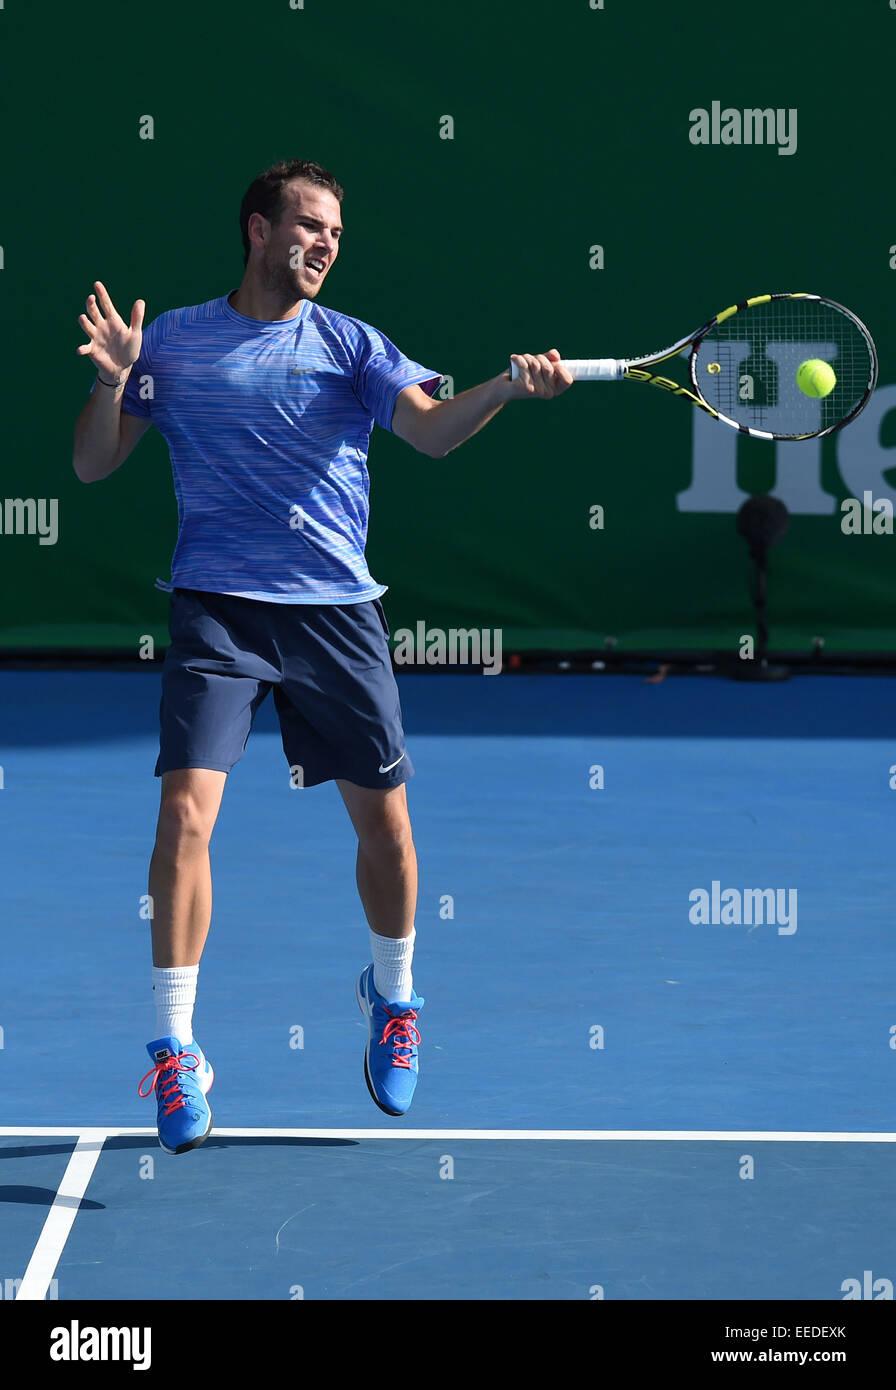 Auckland New Zealand 16th Jan 2015 Heineken Tennis Open